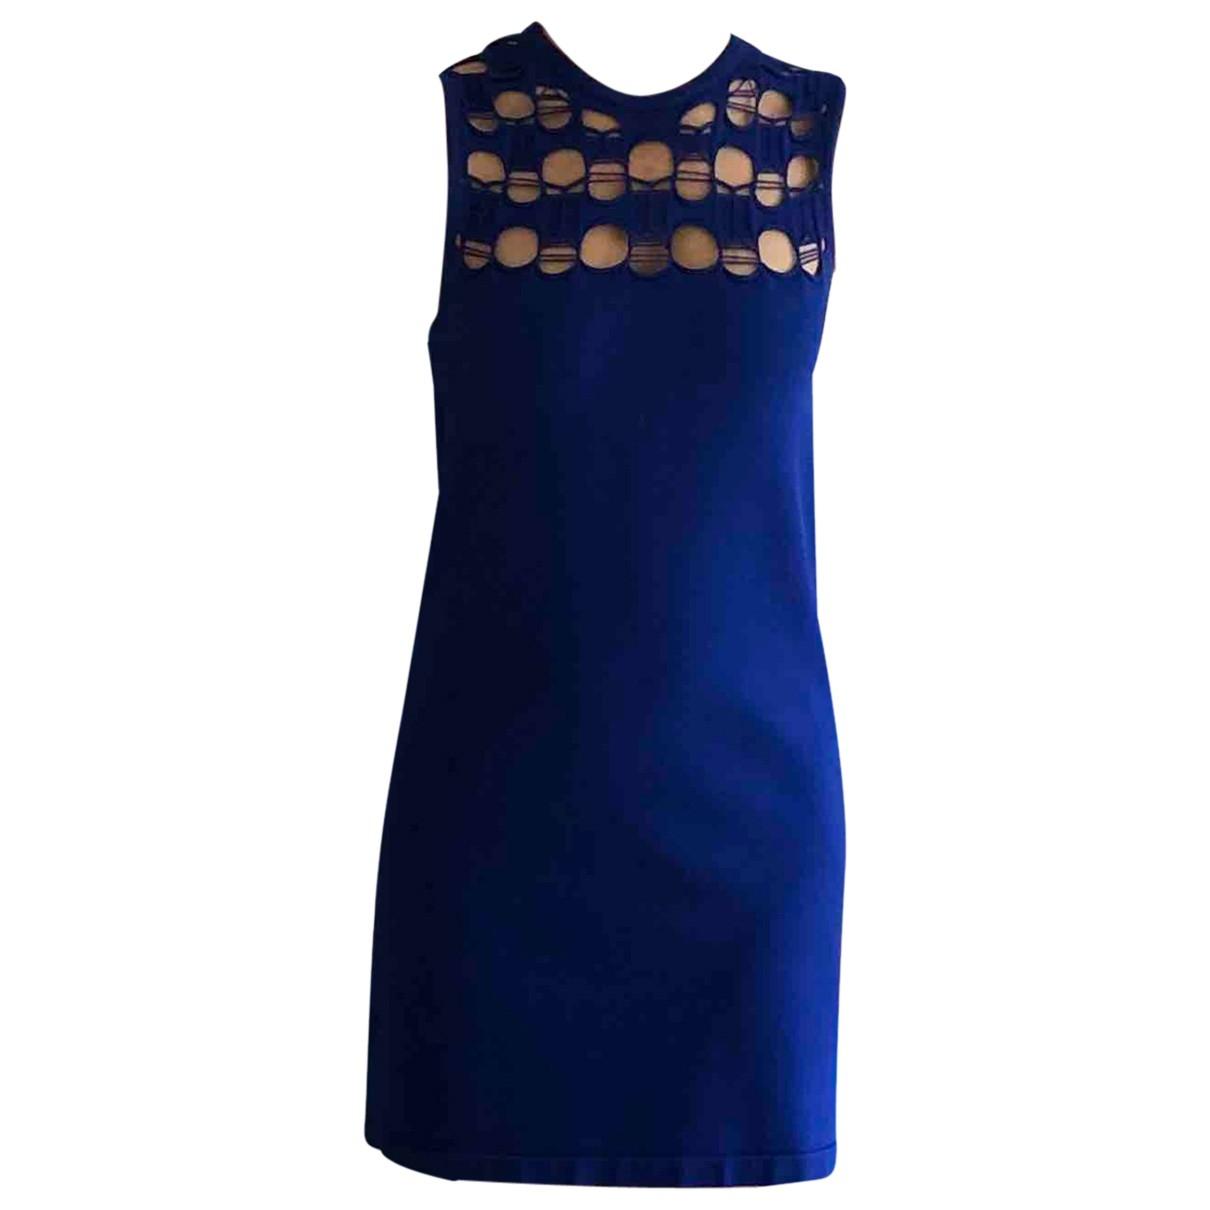 Louis Vuitton \N Kleid in  Blau Polyester